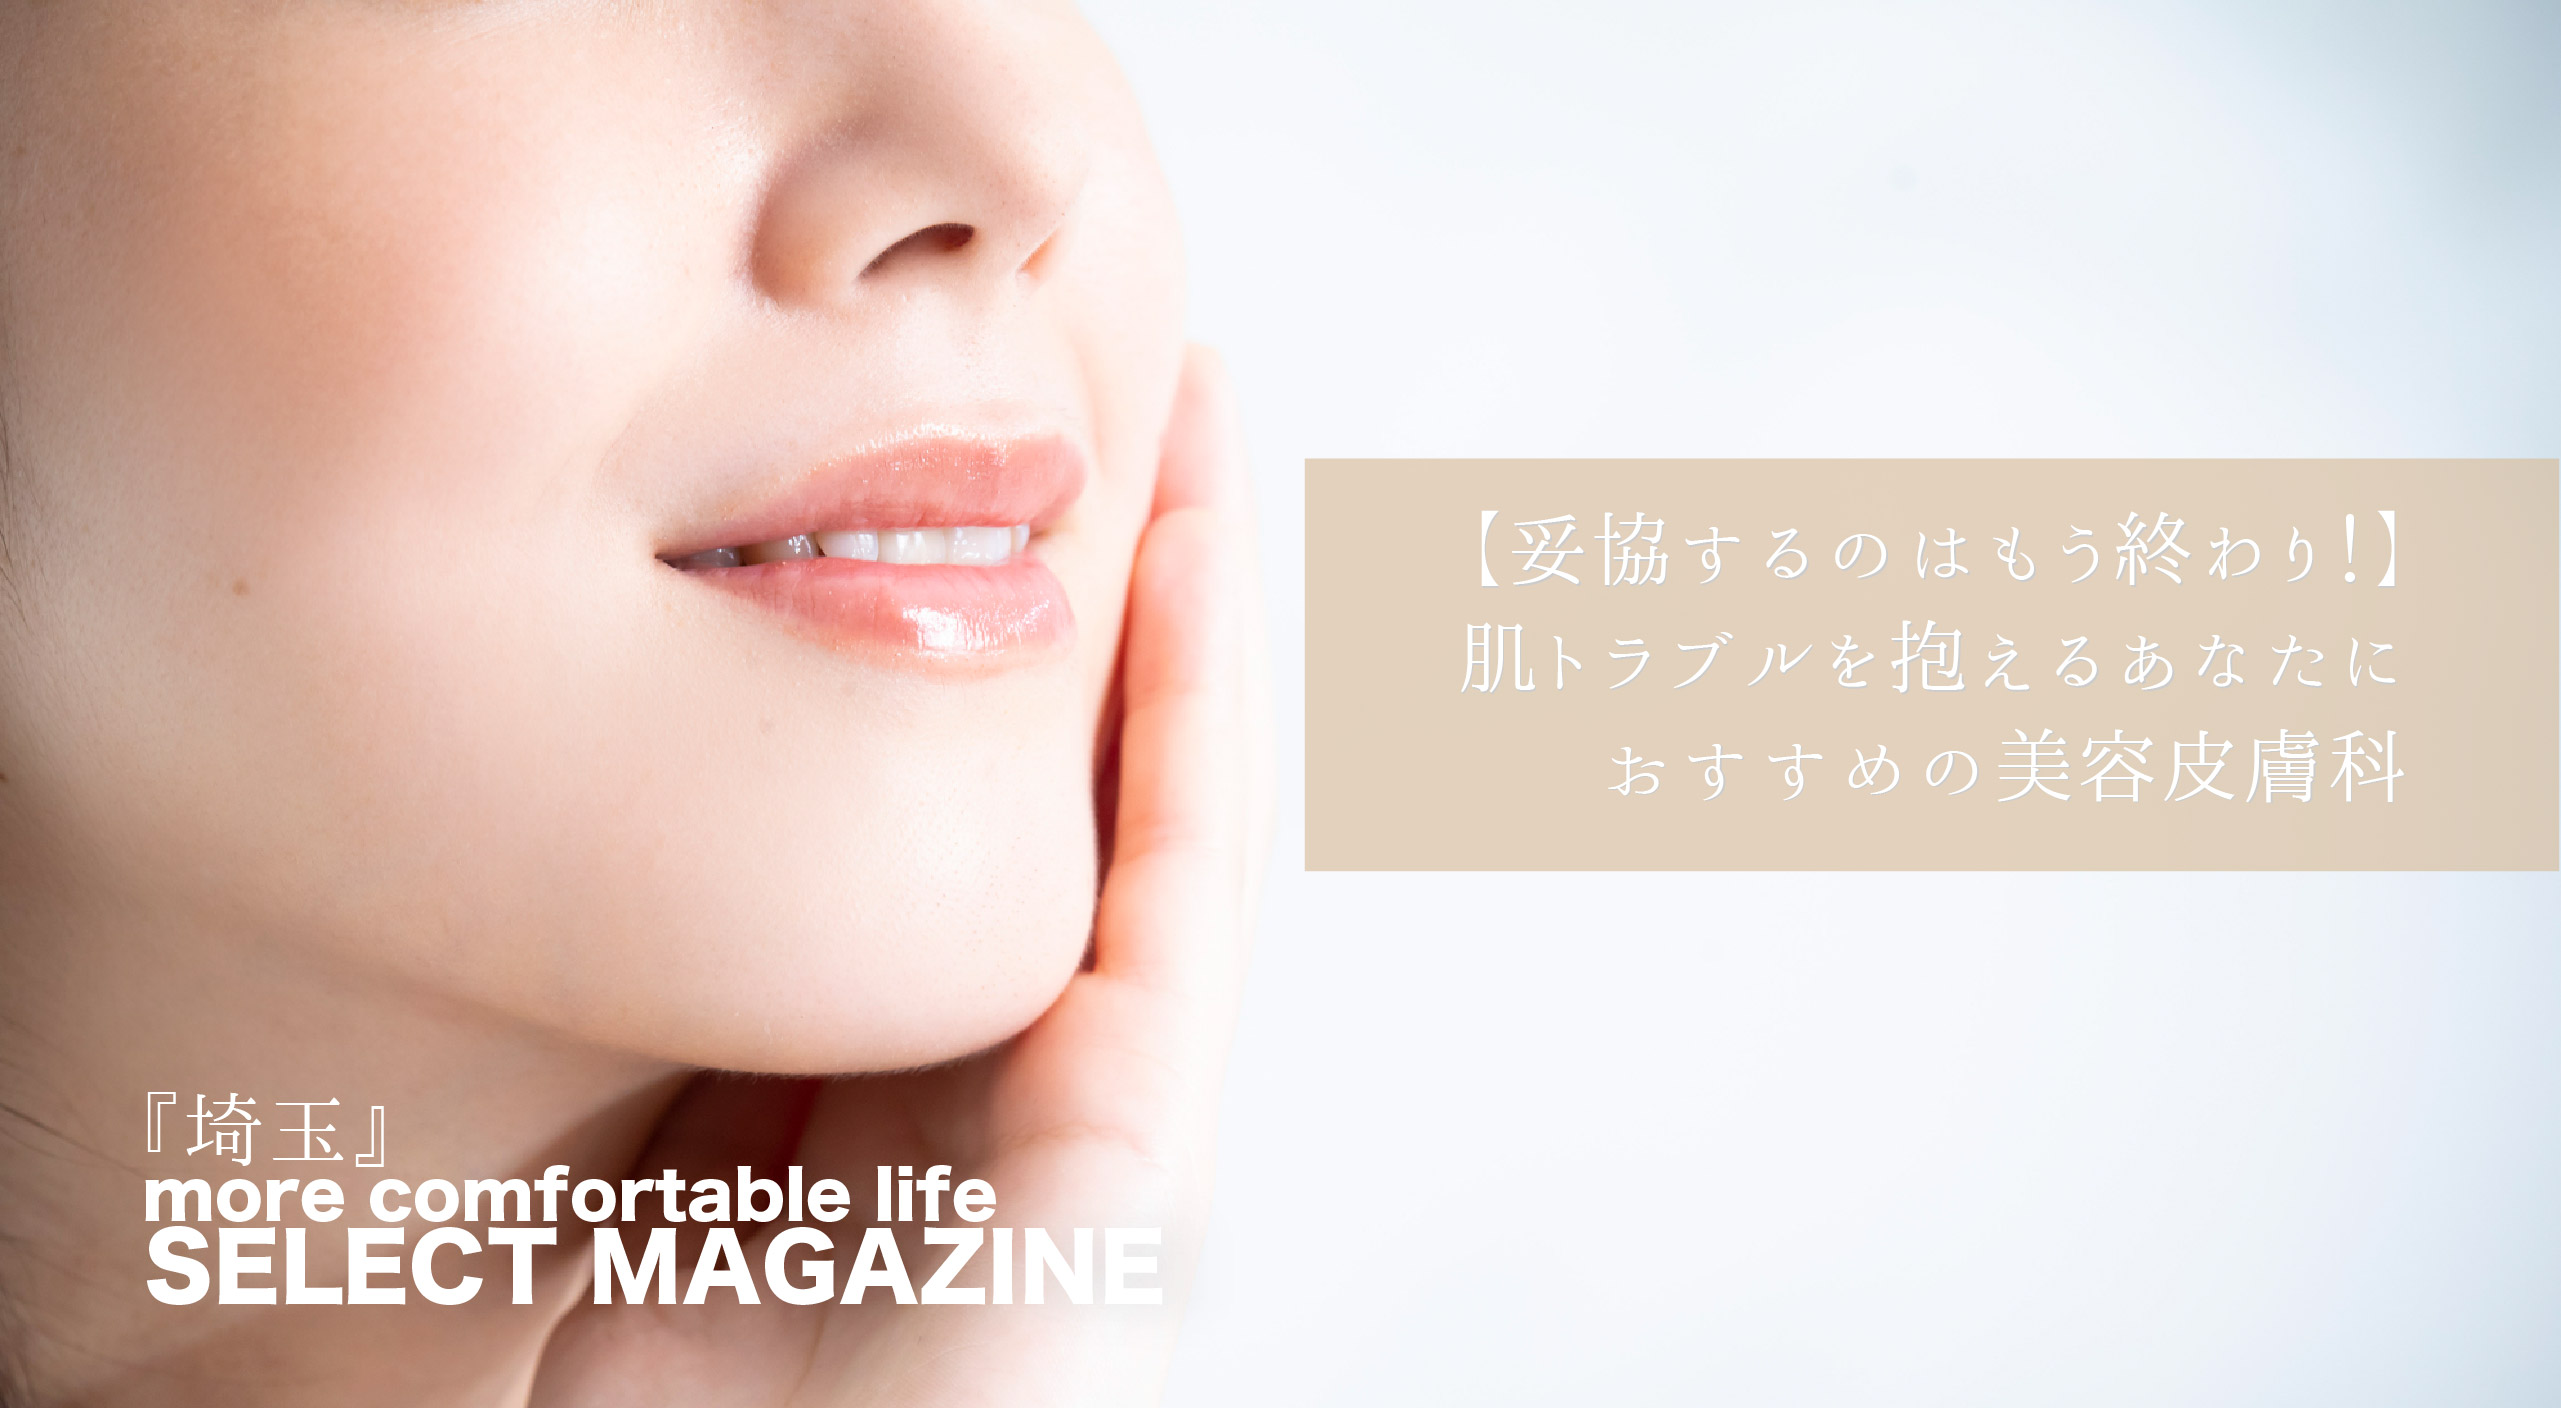 【妥協するのはもう終わり!】肌トラブルを抱えるあなたにおすすめの美容皮膚科 埼玉県